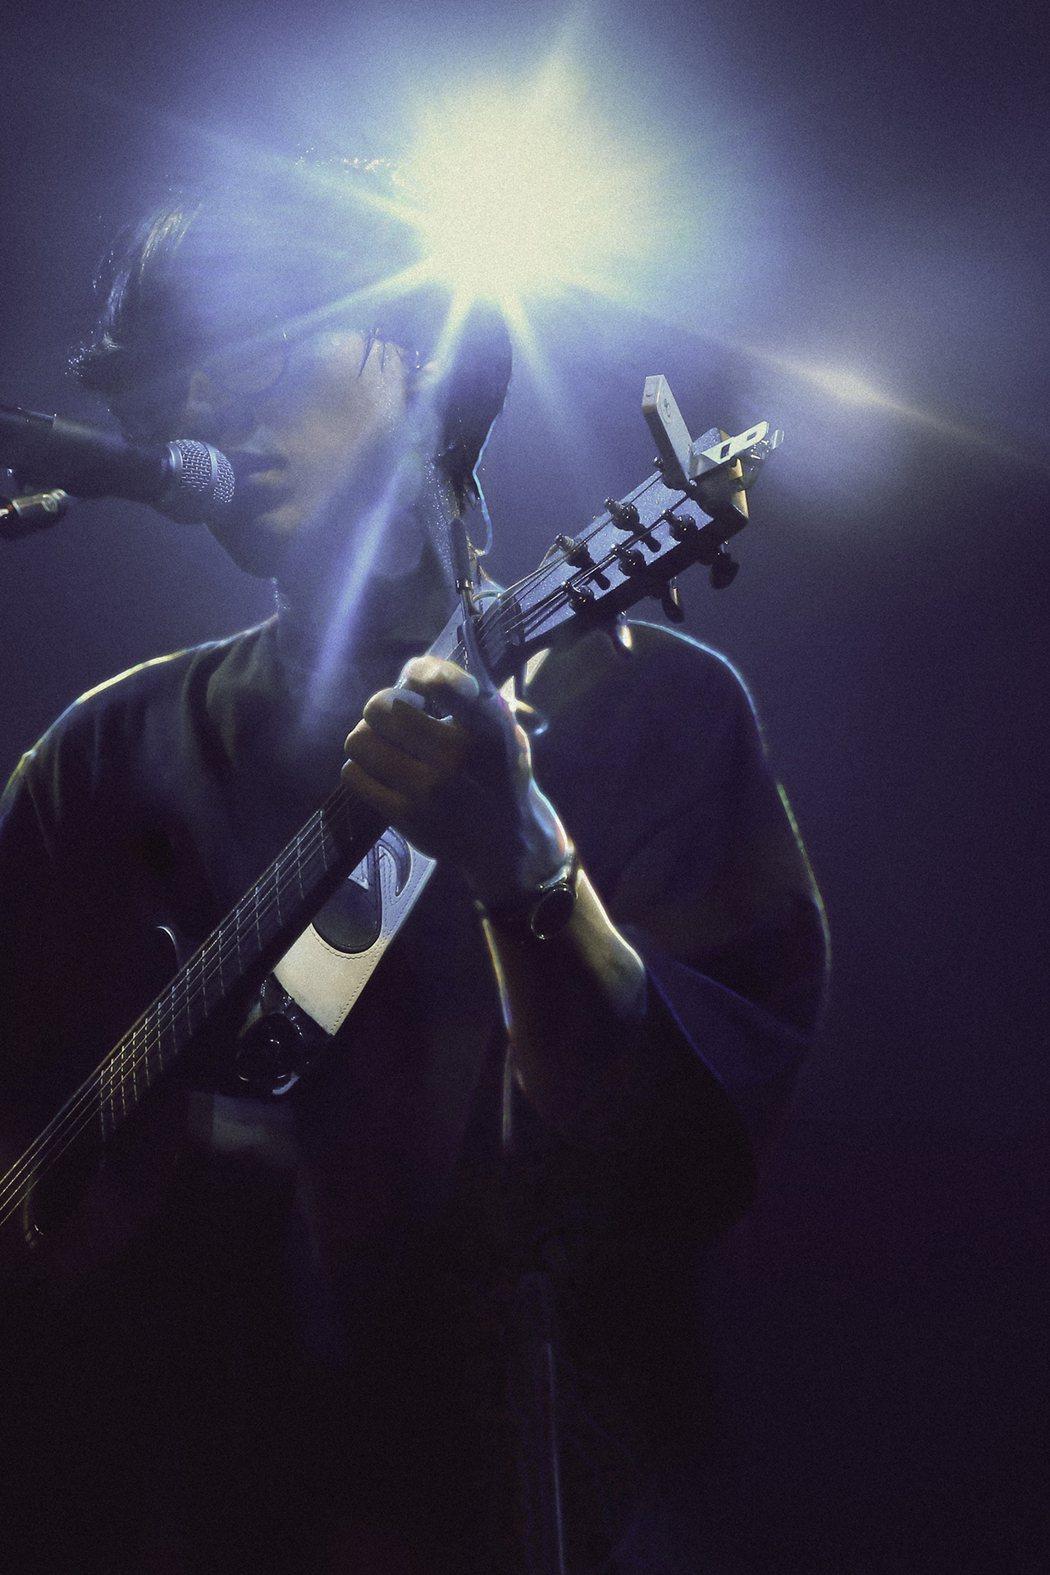 盧廣仲演唱會28秒完售,8月20日加開一場。圖/添翼提供